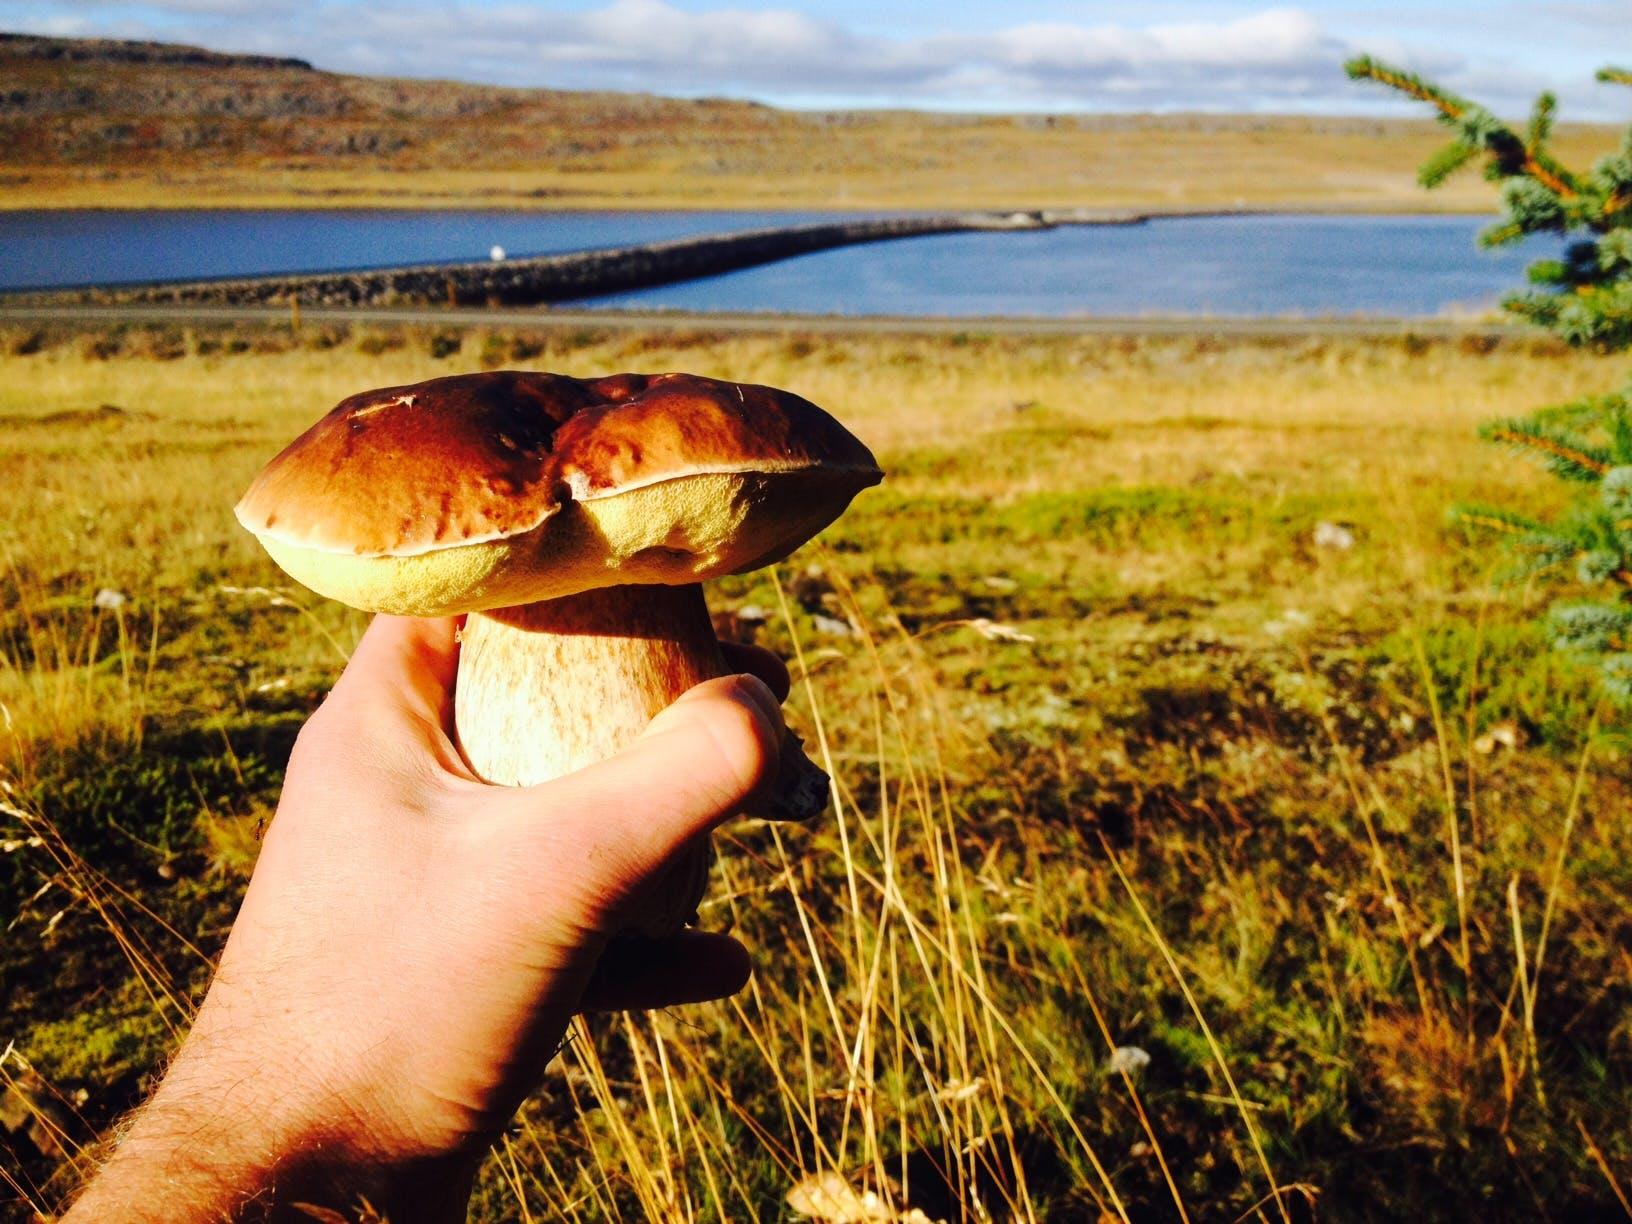 Icelandic Magic Mushrooms Got Me Into Foraging